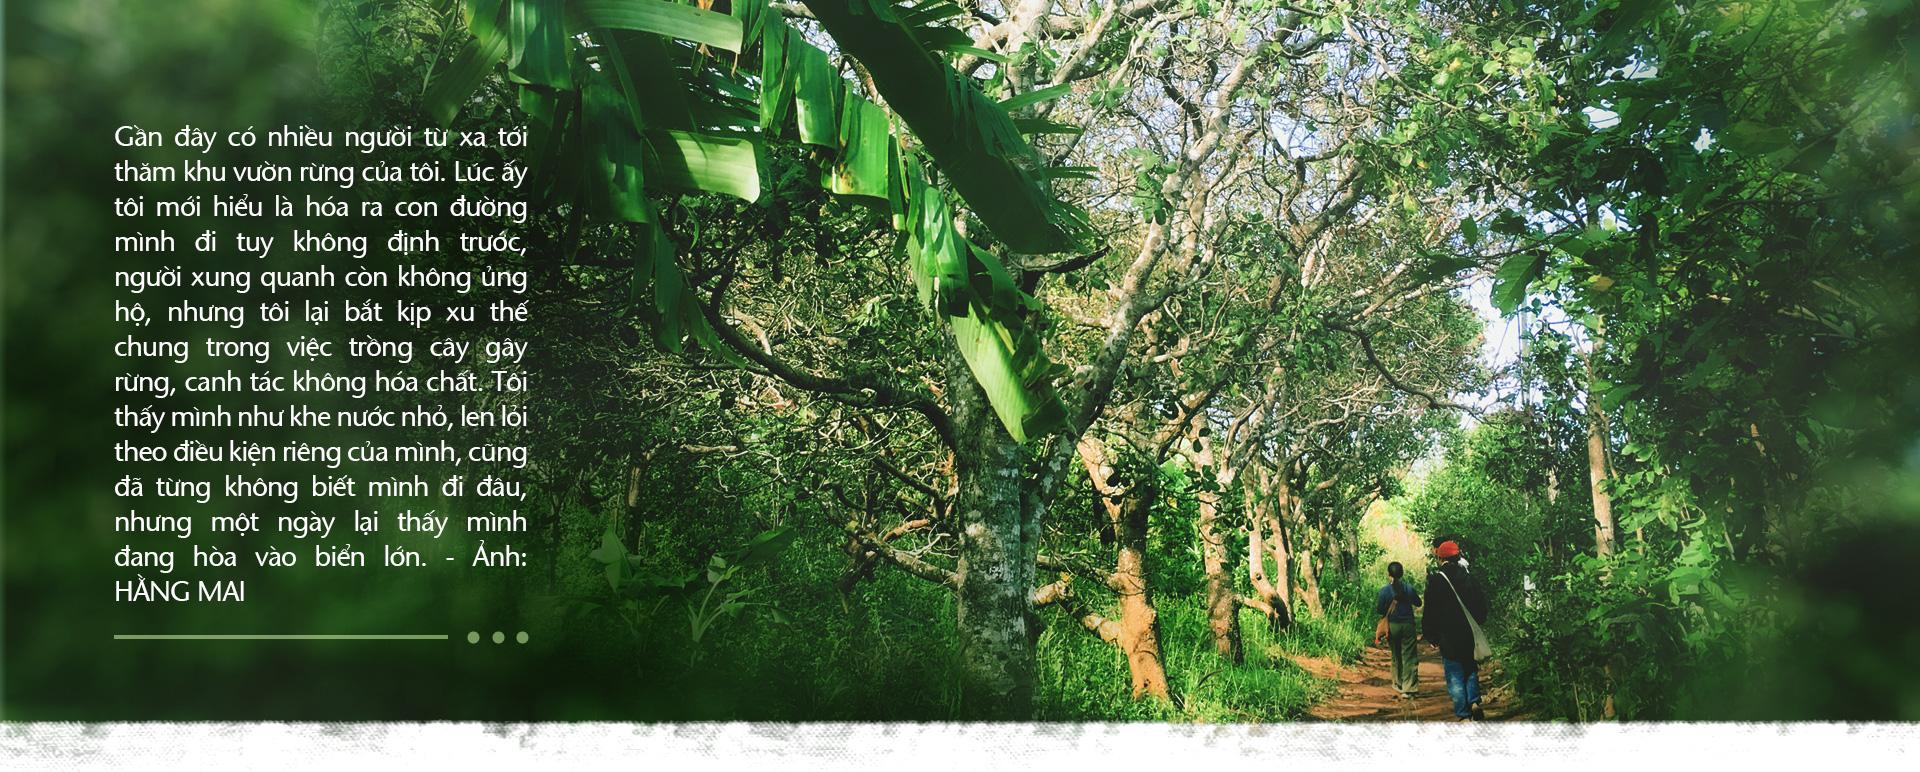 Trồng cây và nương tựa tự nhiên - Ảnh 4.